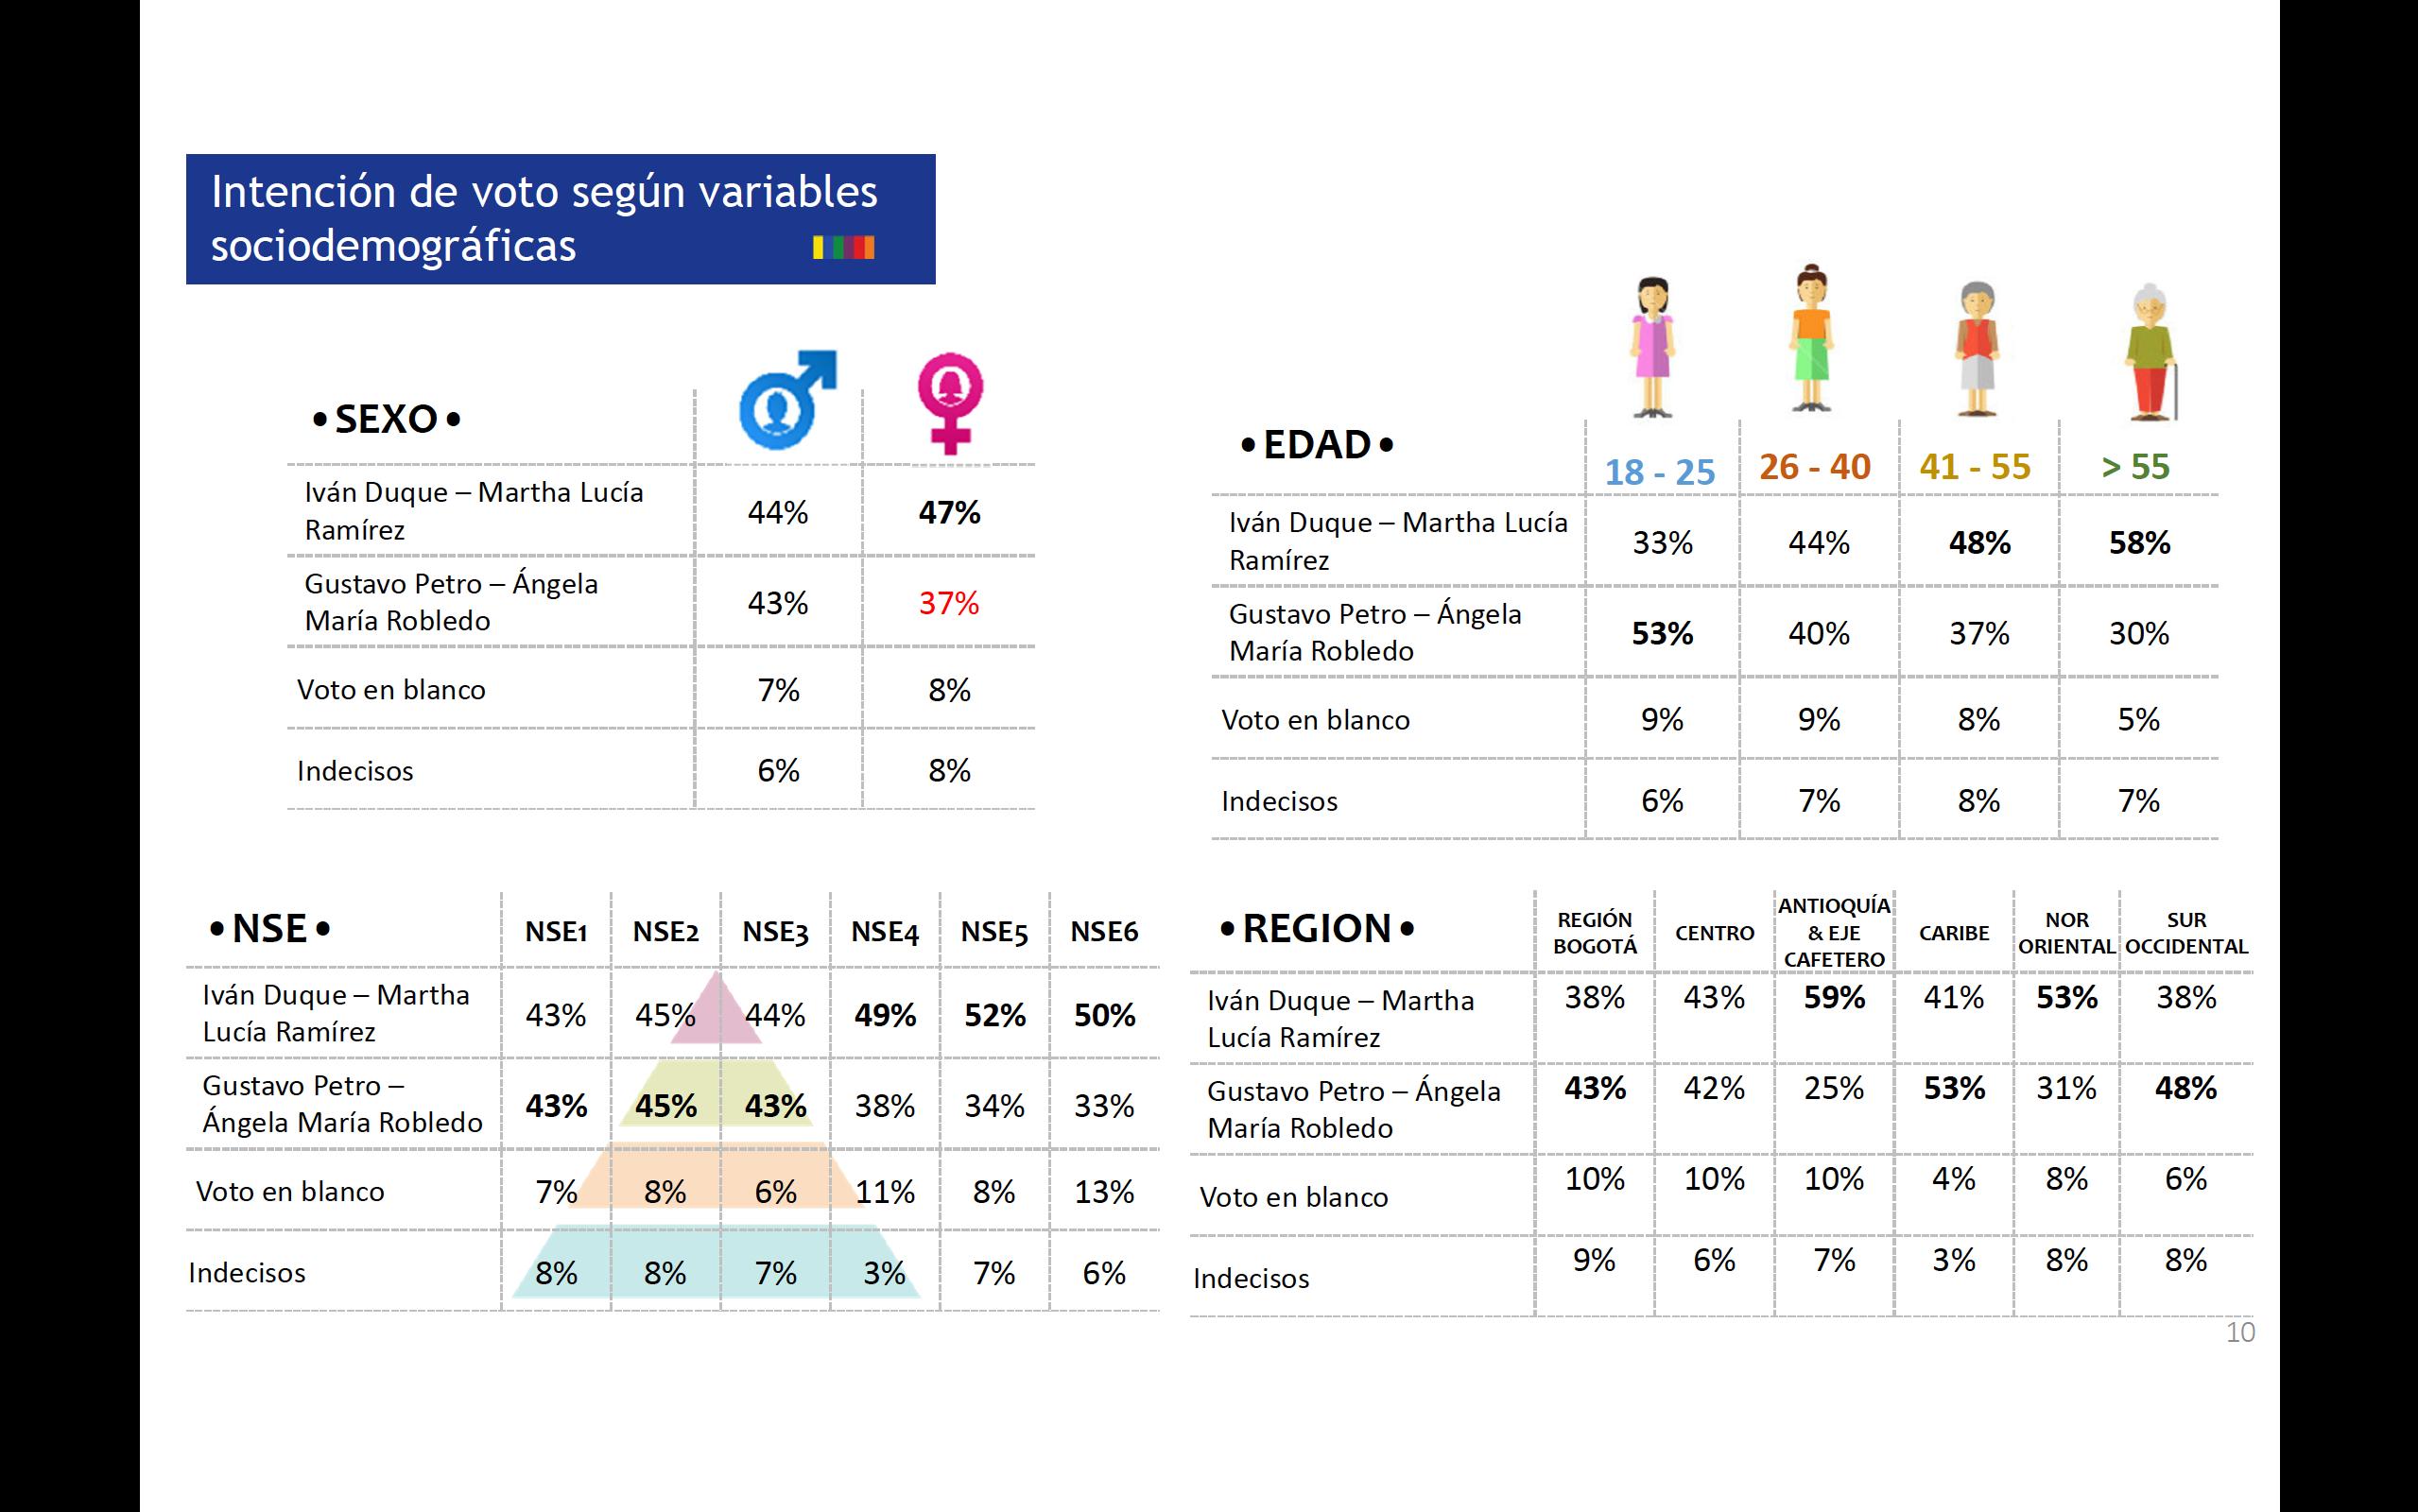 variables sociodemograficas Colombia